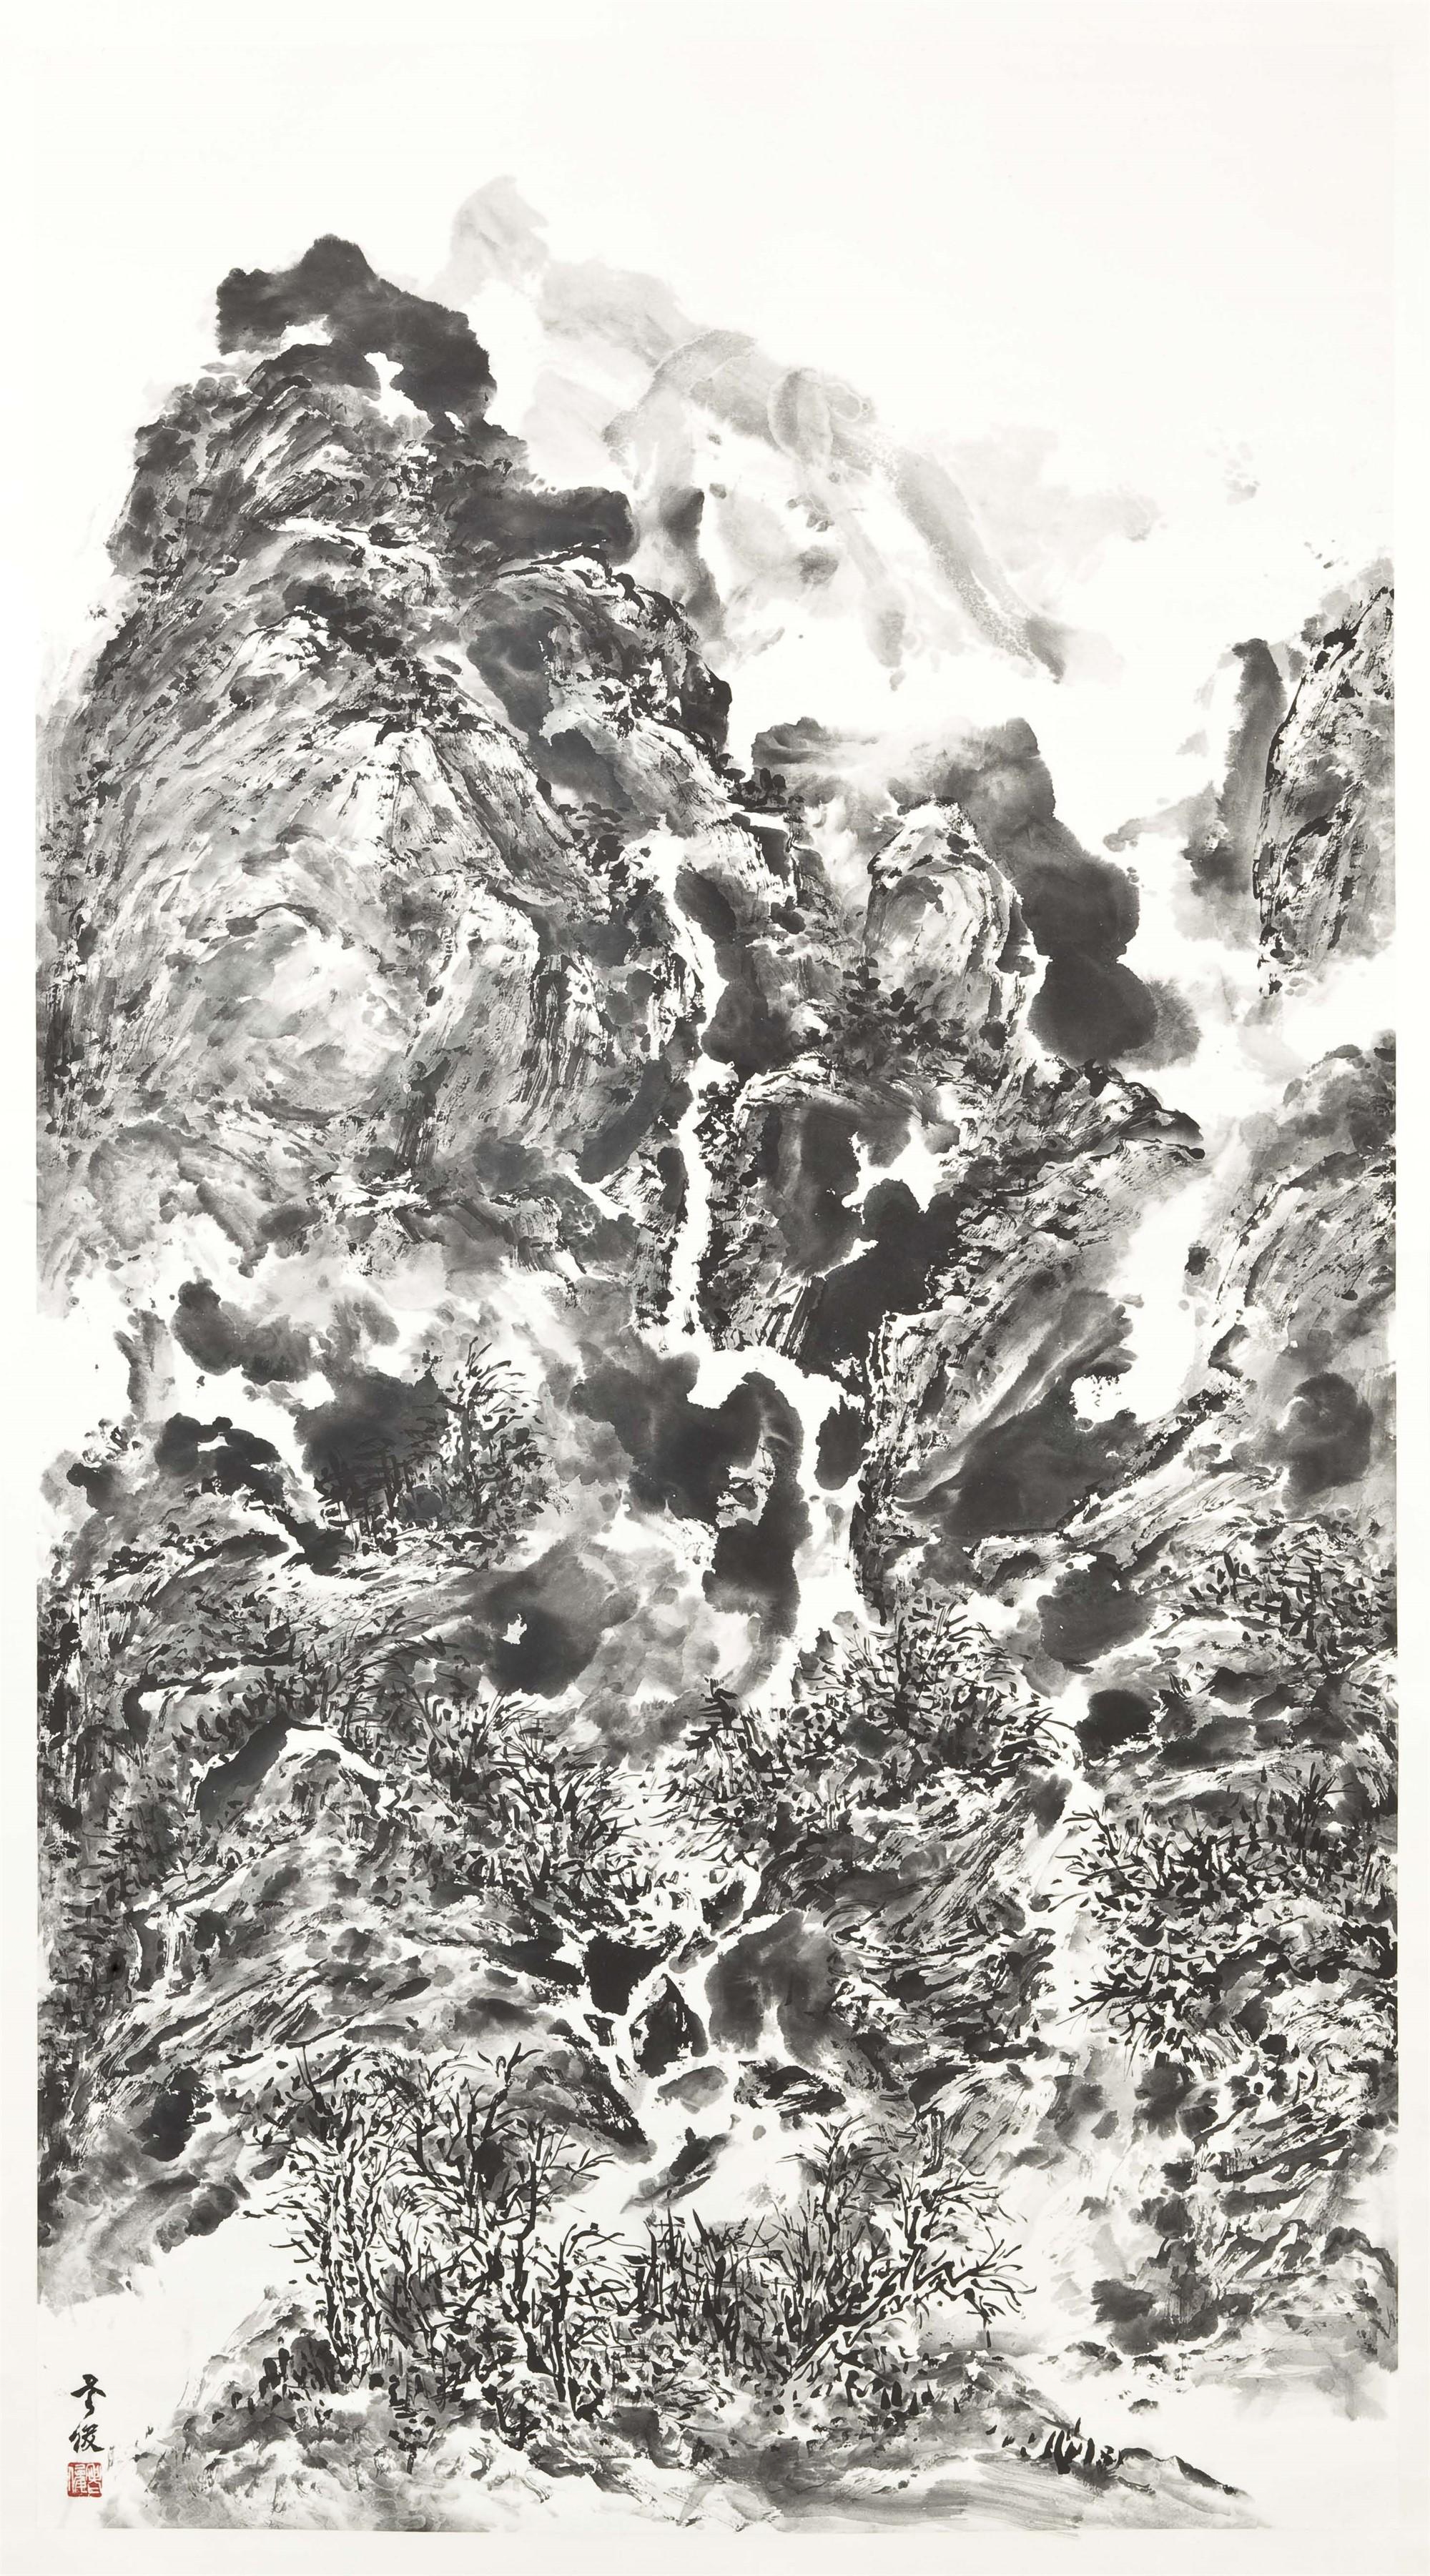 LANDSCAPE 2 by Xiaojun Zeng